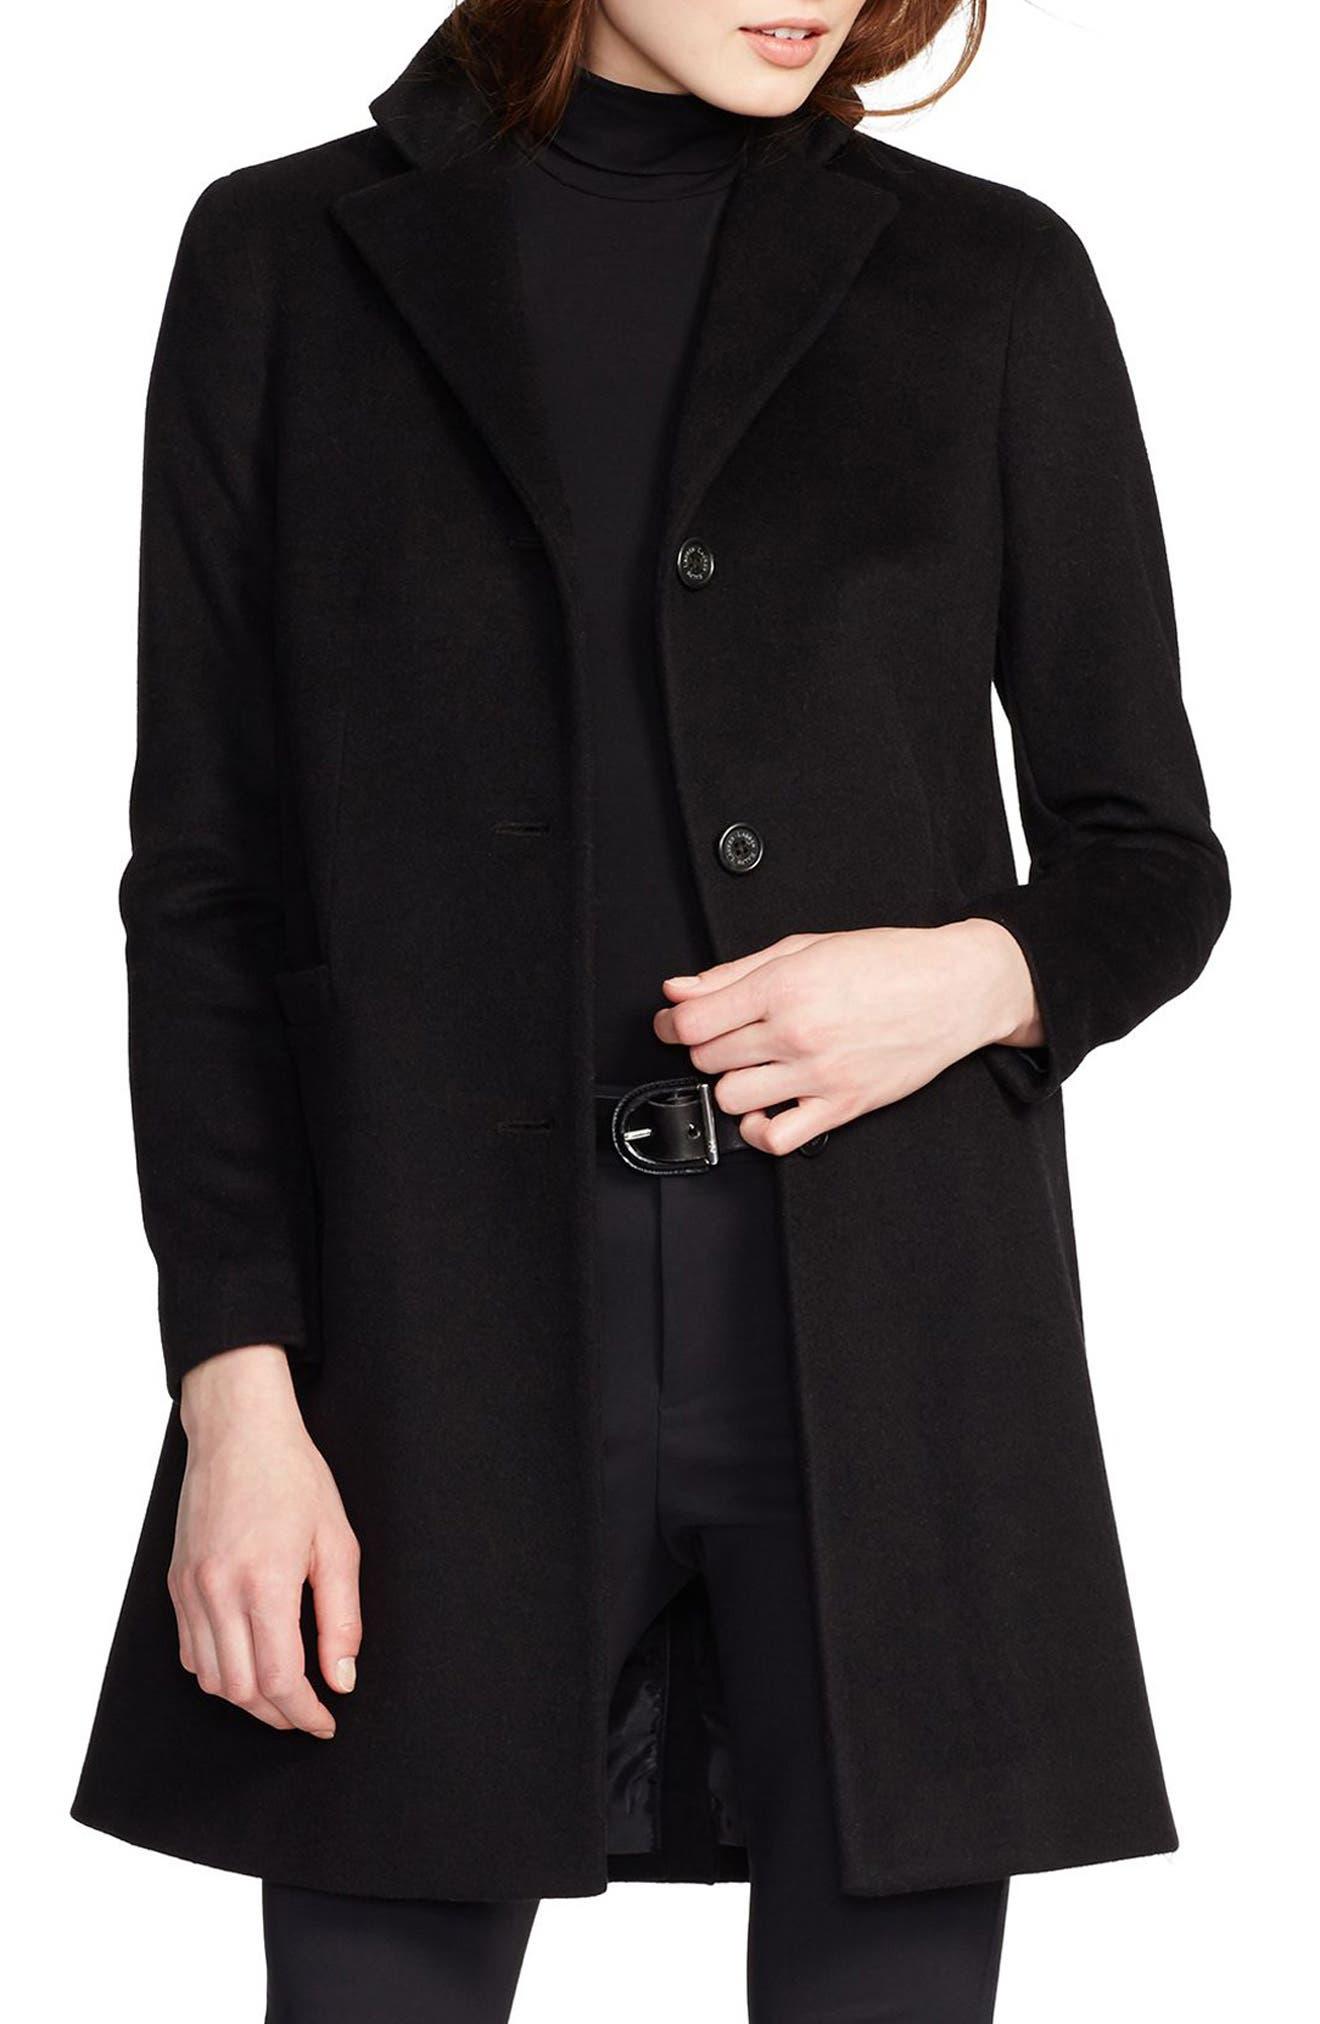 5292e9d558d Women s Peacoat Jackets Sale